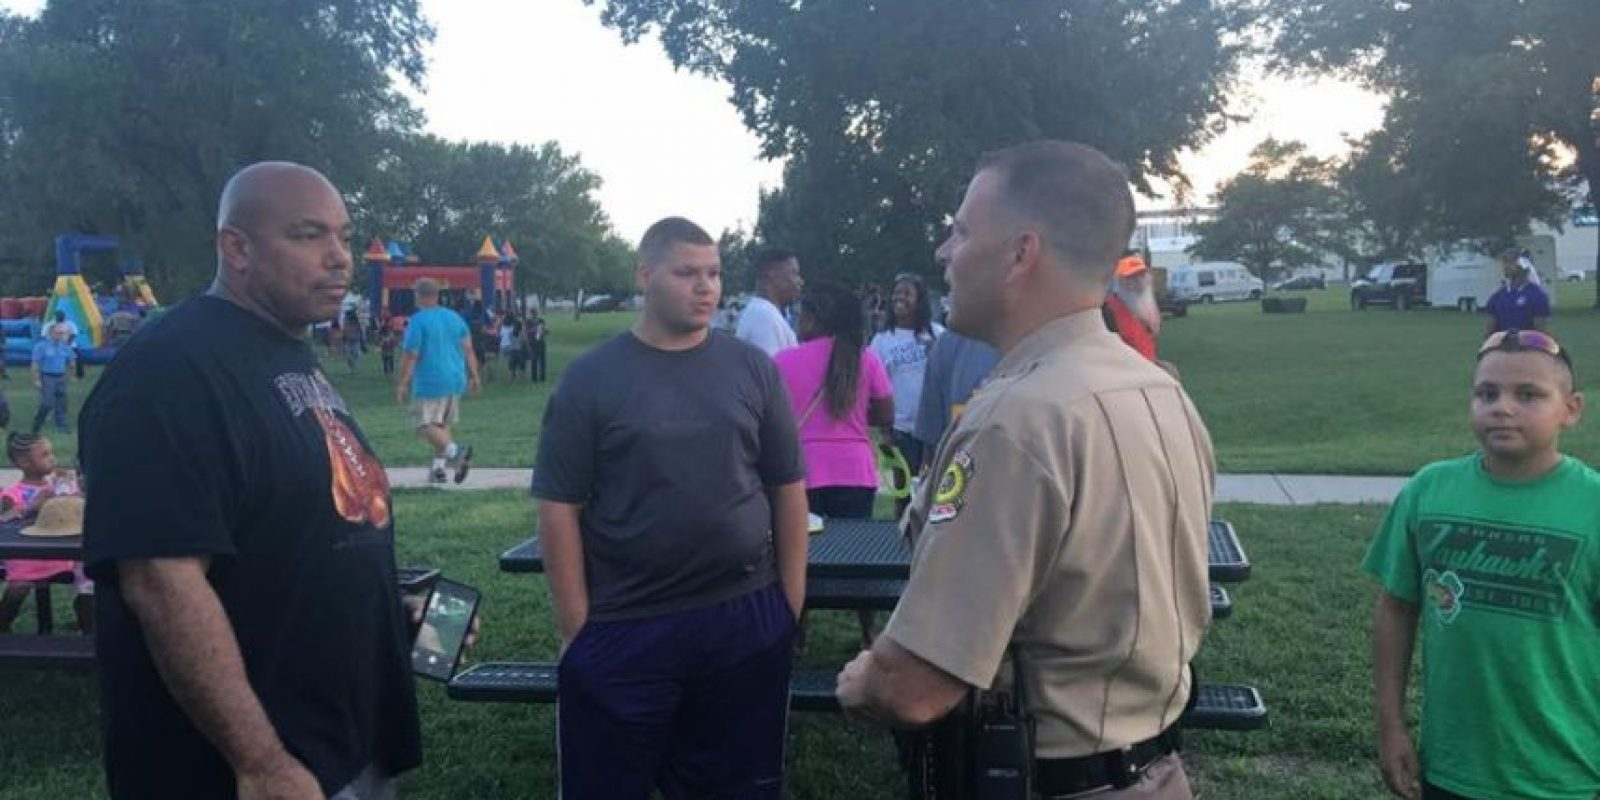 Los uniformados organizaron el encuentro Foto:Facebook.com/WichitaPolice